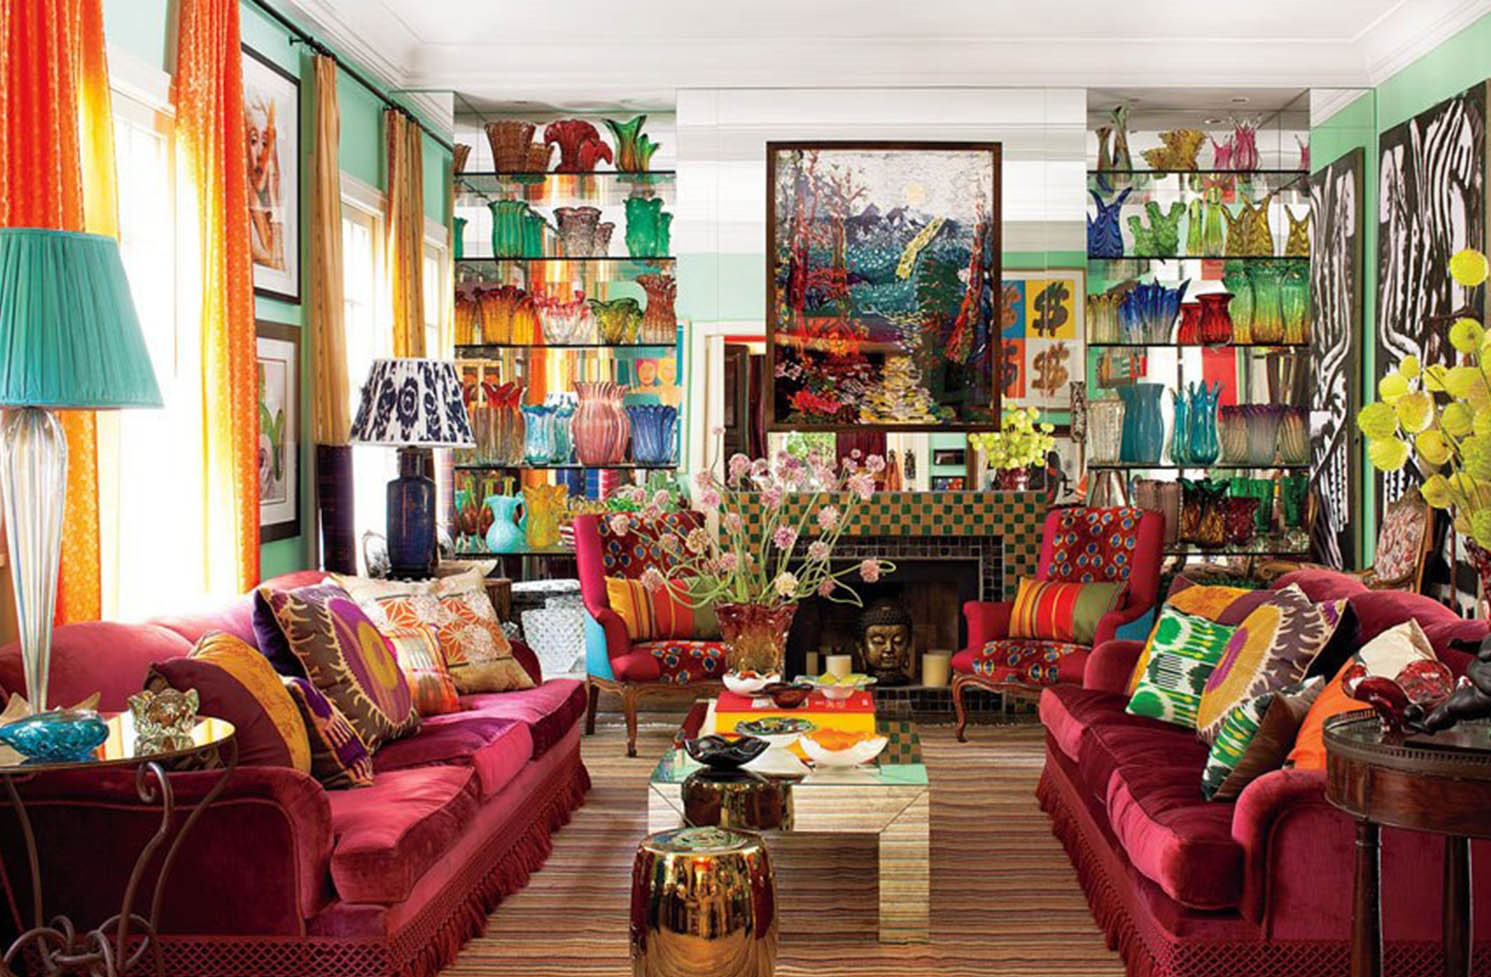 Au lieu de cela, choisissez simplement ce qui vous rend heureux et ce qui transforme votre appartement en votre maison.